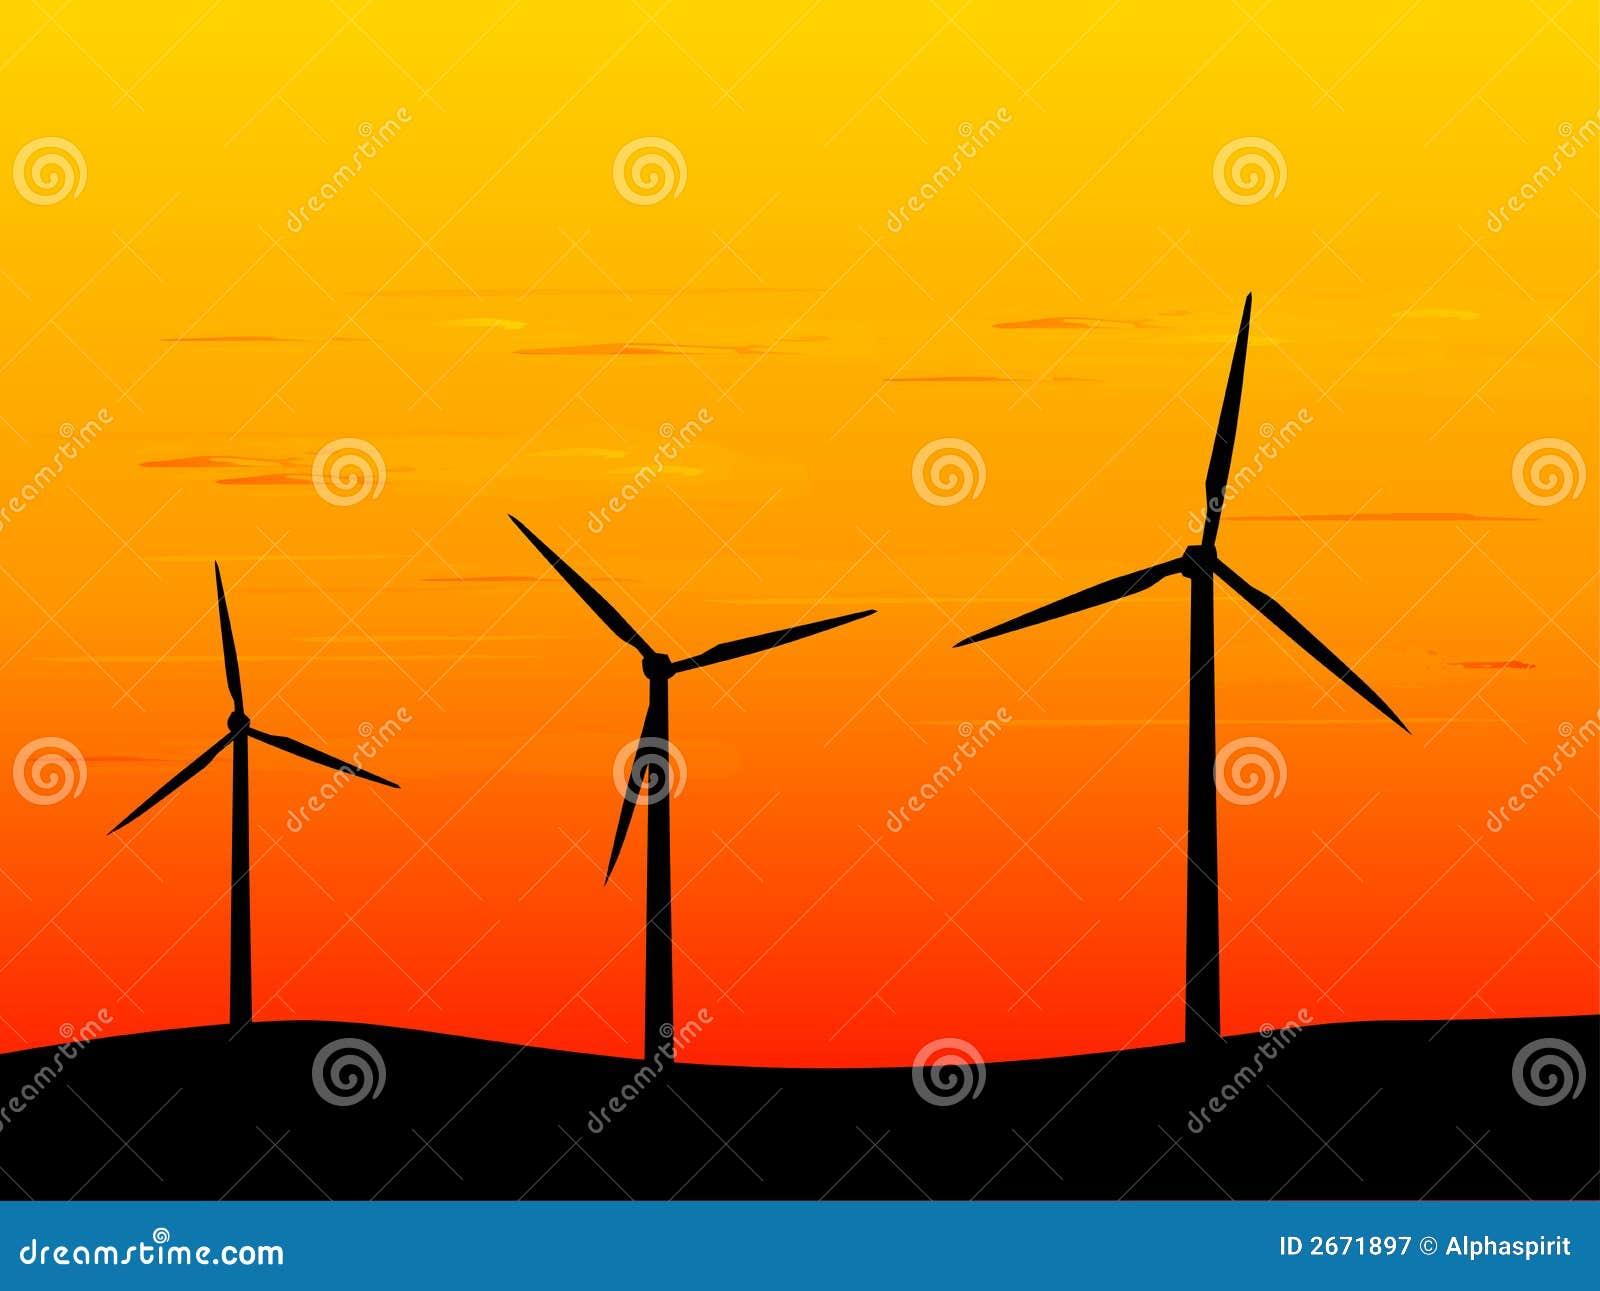 New Energy Wind Turbines Stock Vector Illustration Of Turbines